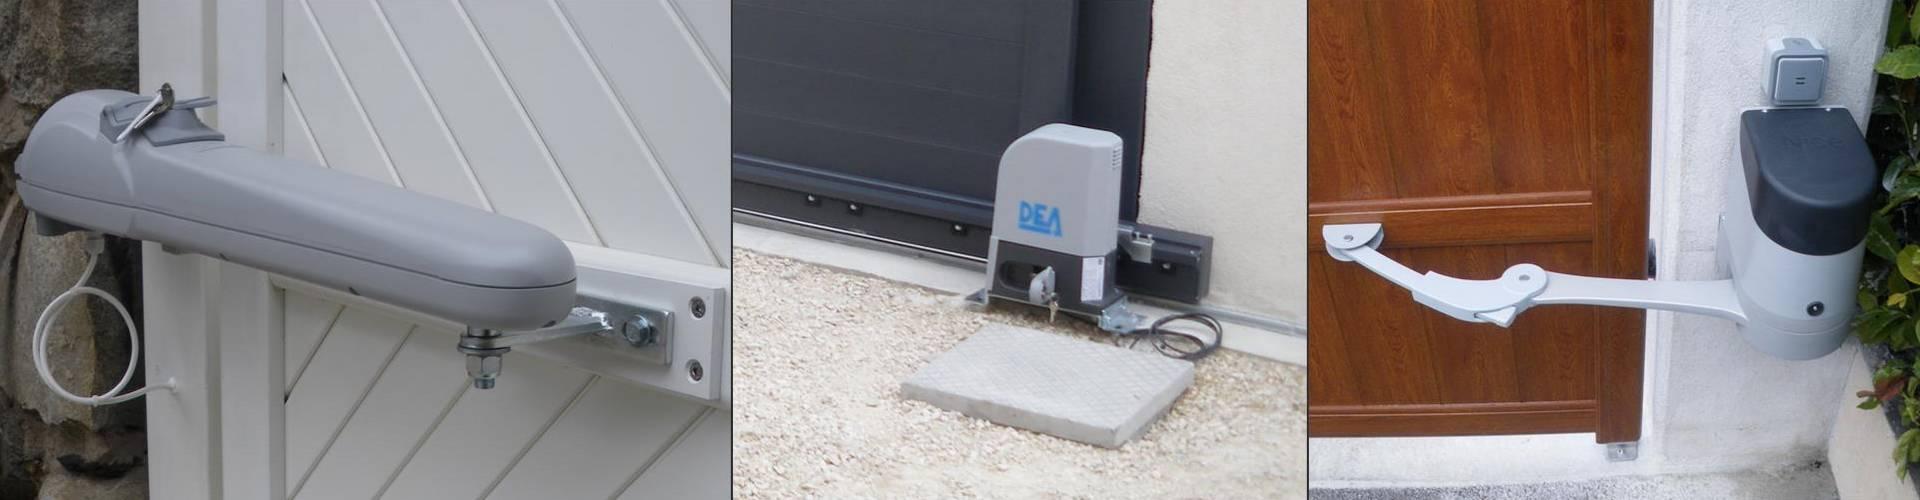 Portail aluminium grenoble fabrication sur mesure et pose alproconcept for Fabricant de portail sur mesure